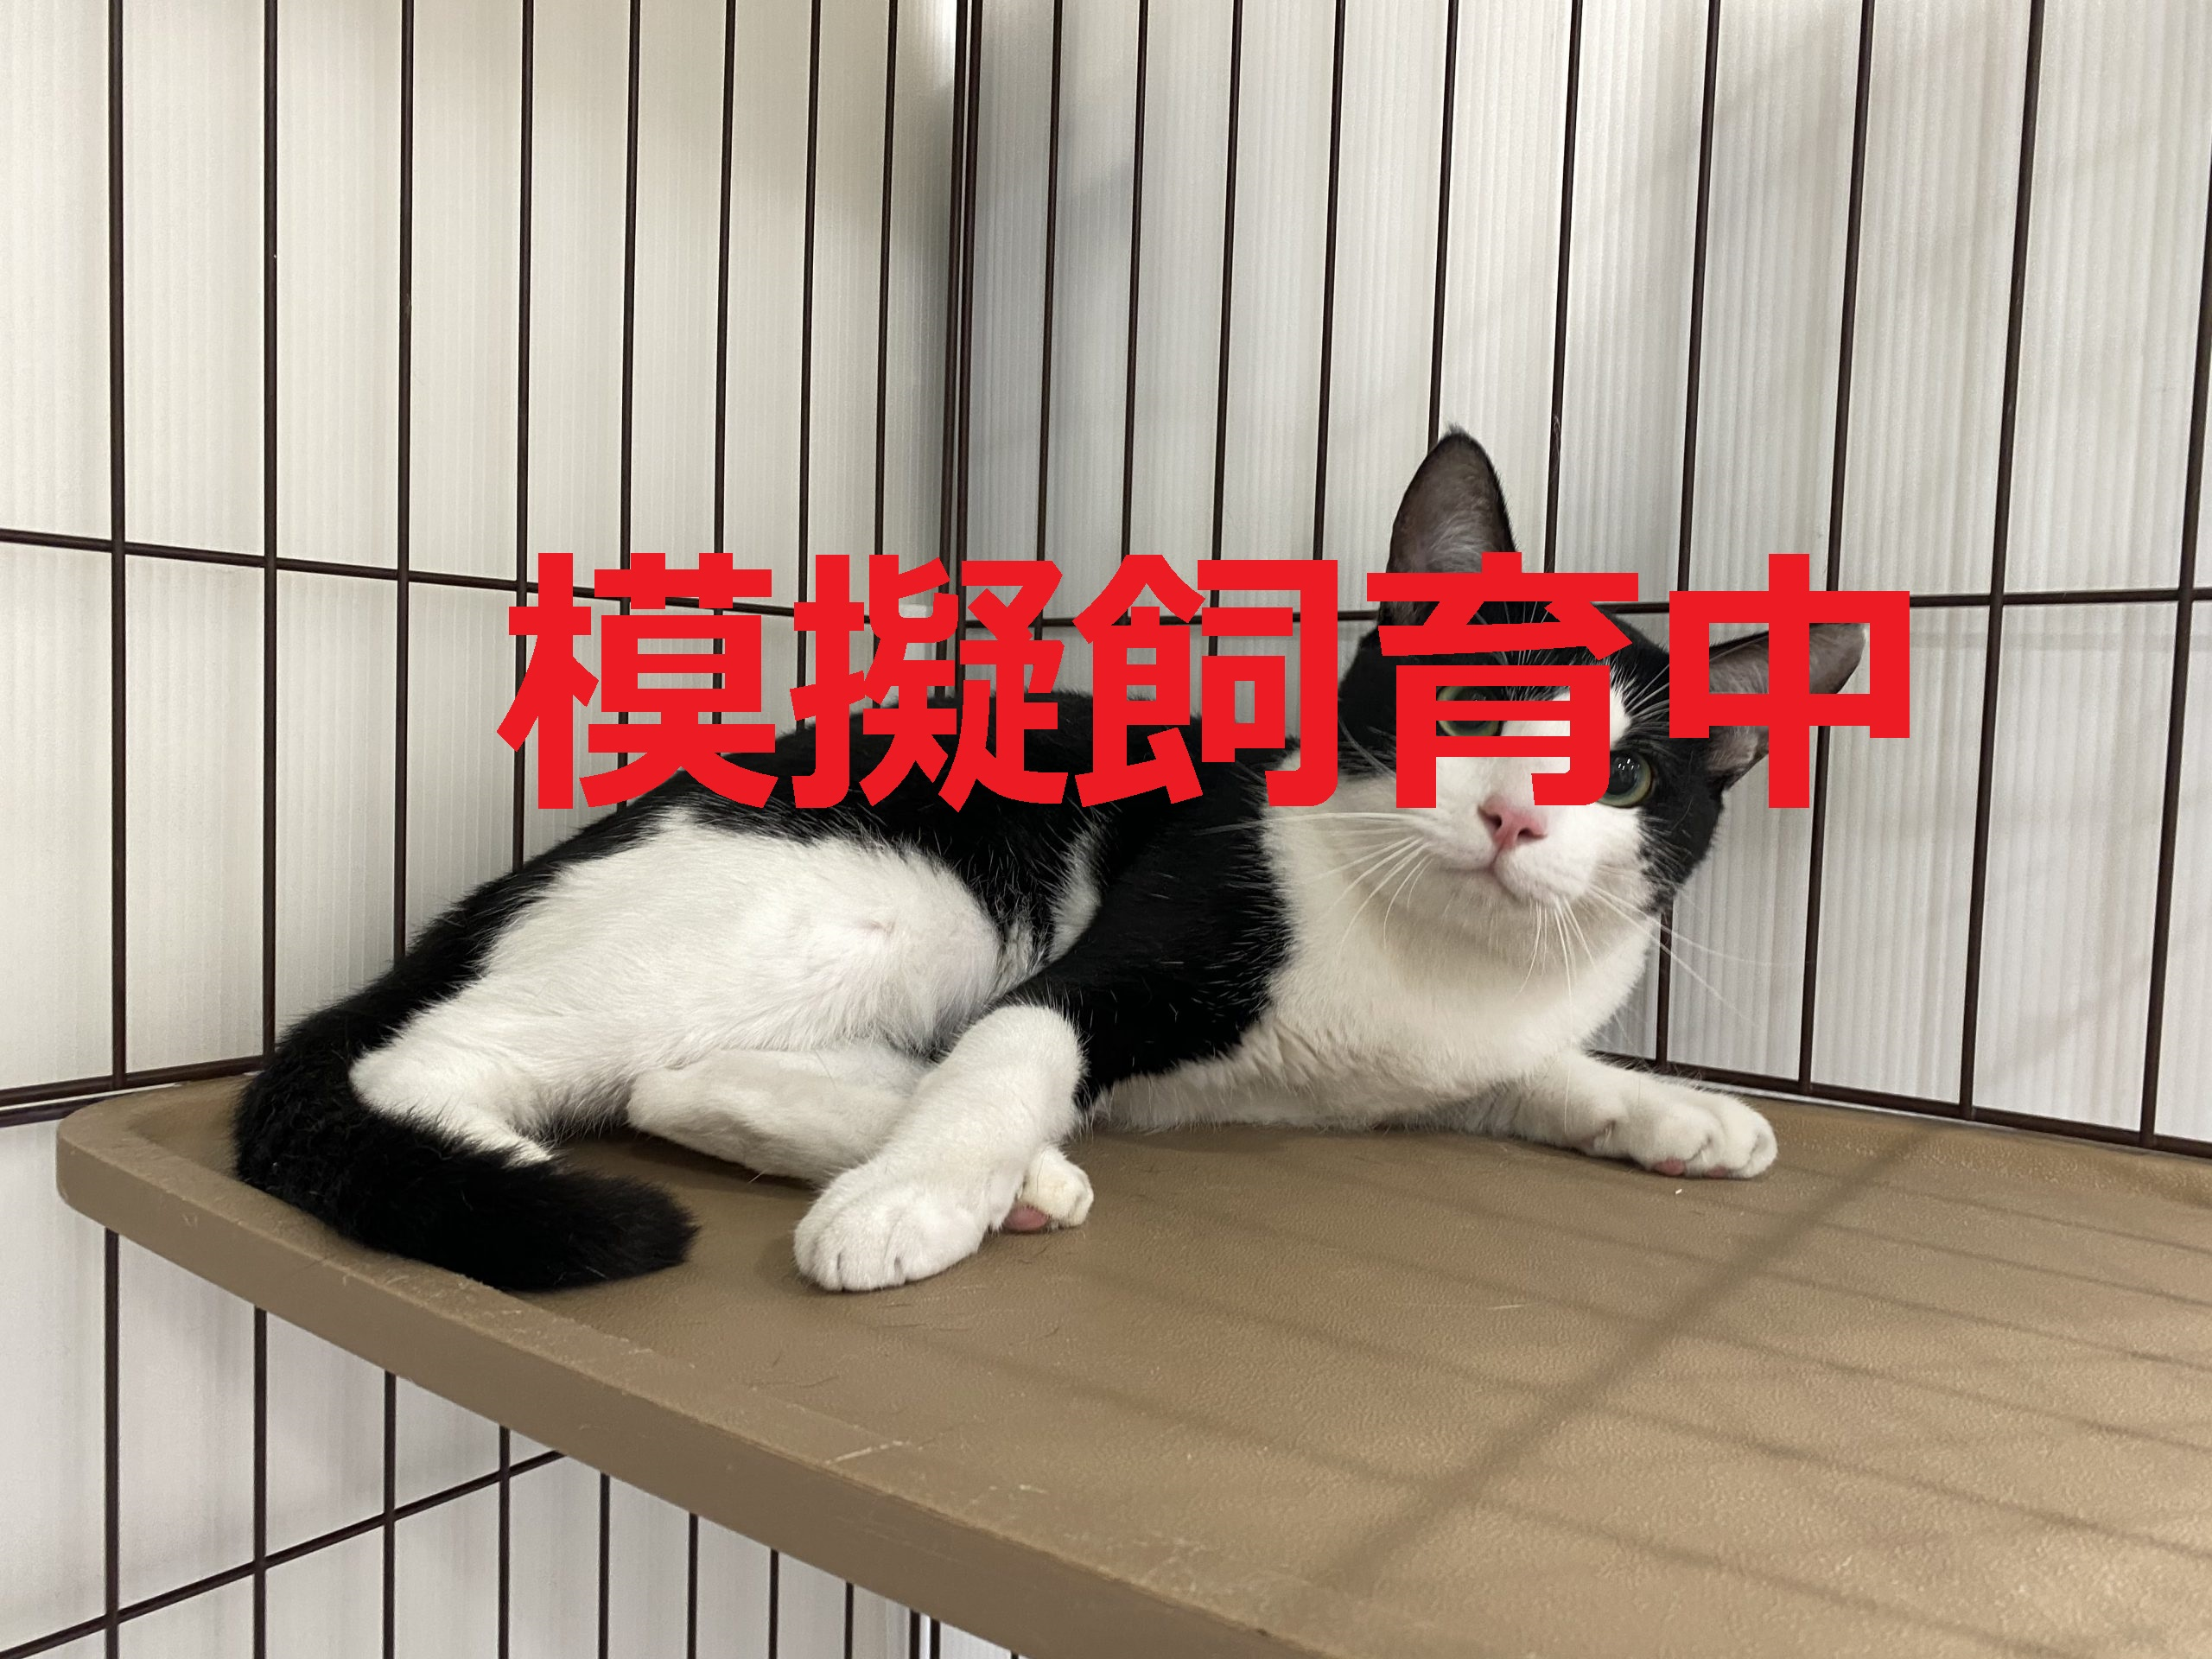 <ul> <li>猫種:日本猫</li> <li>性別:男の子</li> <li>名前:モモ</li> <li>年齢:2019年2月10日頃生まれ</li> <li>保護経緯:飼い主が高齢で逝去したため、飼育困難になりました</li> </ul>